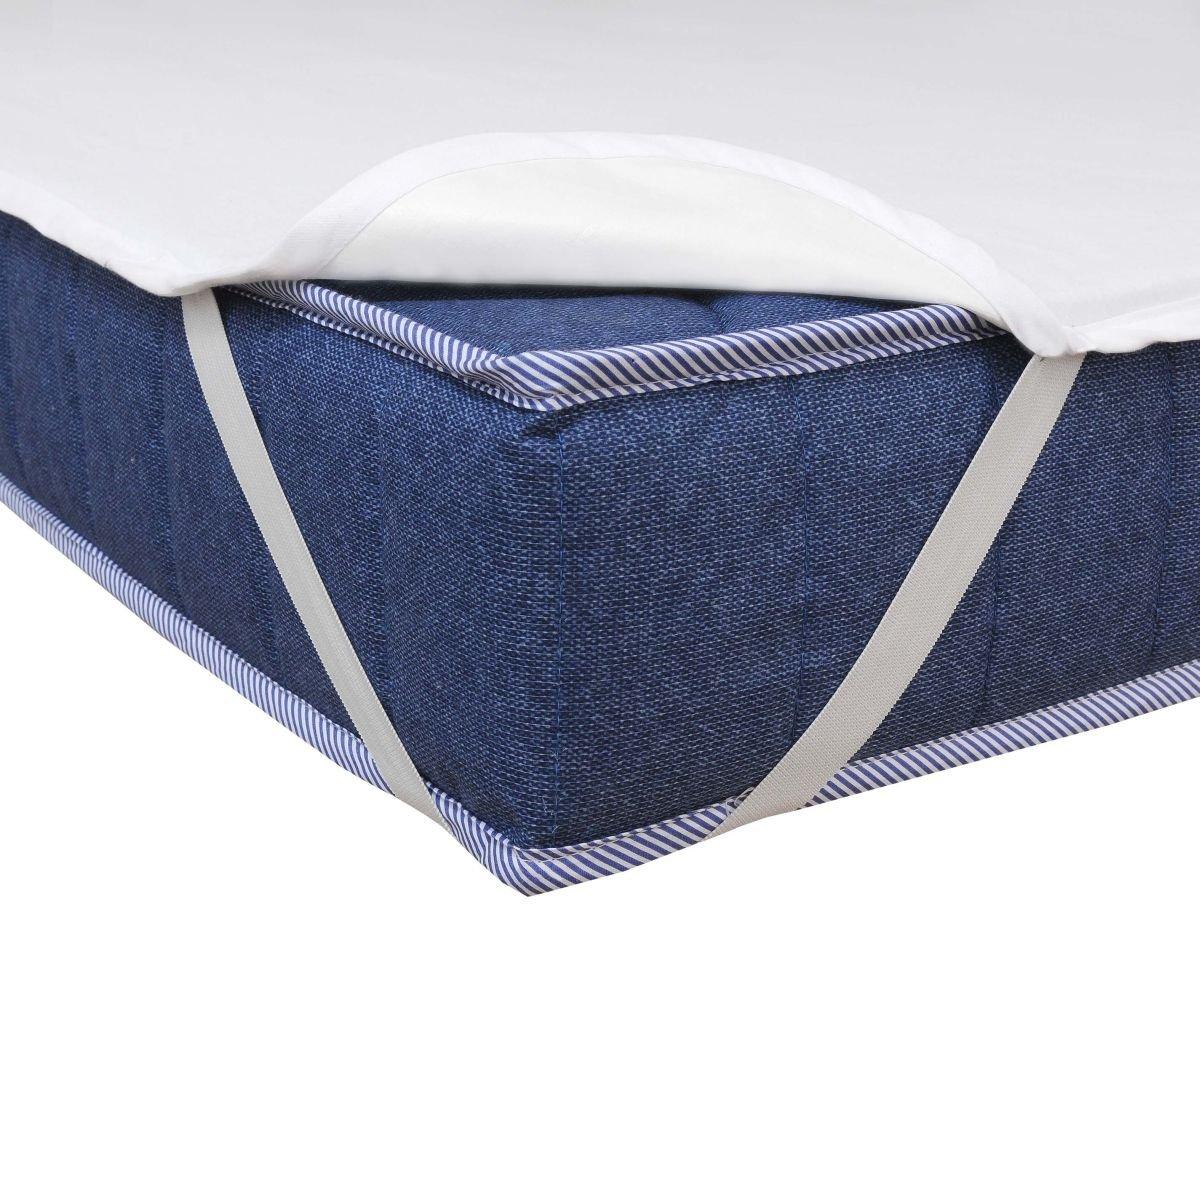 70x140cm Matratzenschoner Wasserdicht Atmungsaktiv Moderno/® Special Molton Betteinlage Inkontinenz mit 4 /Übereckgummis in Breite x L/änge